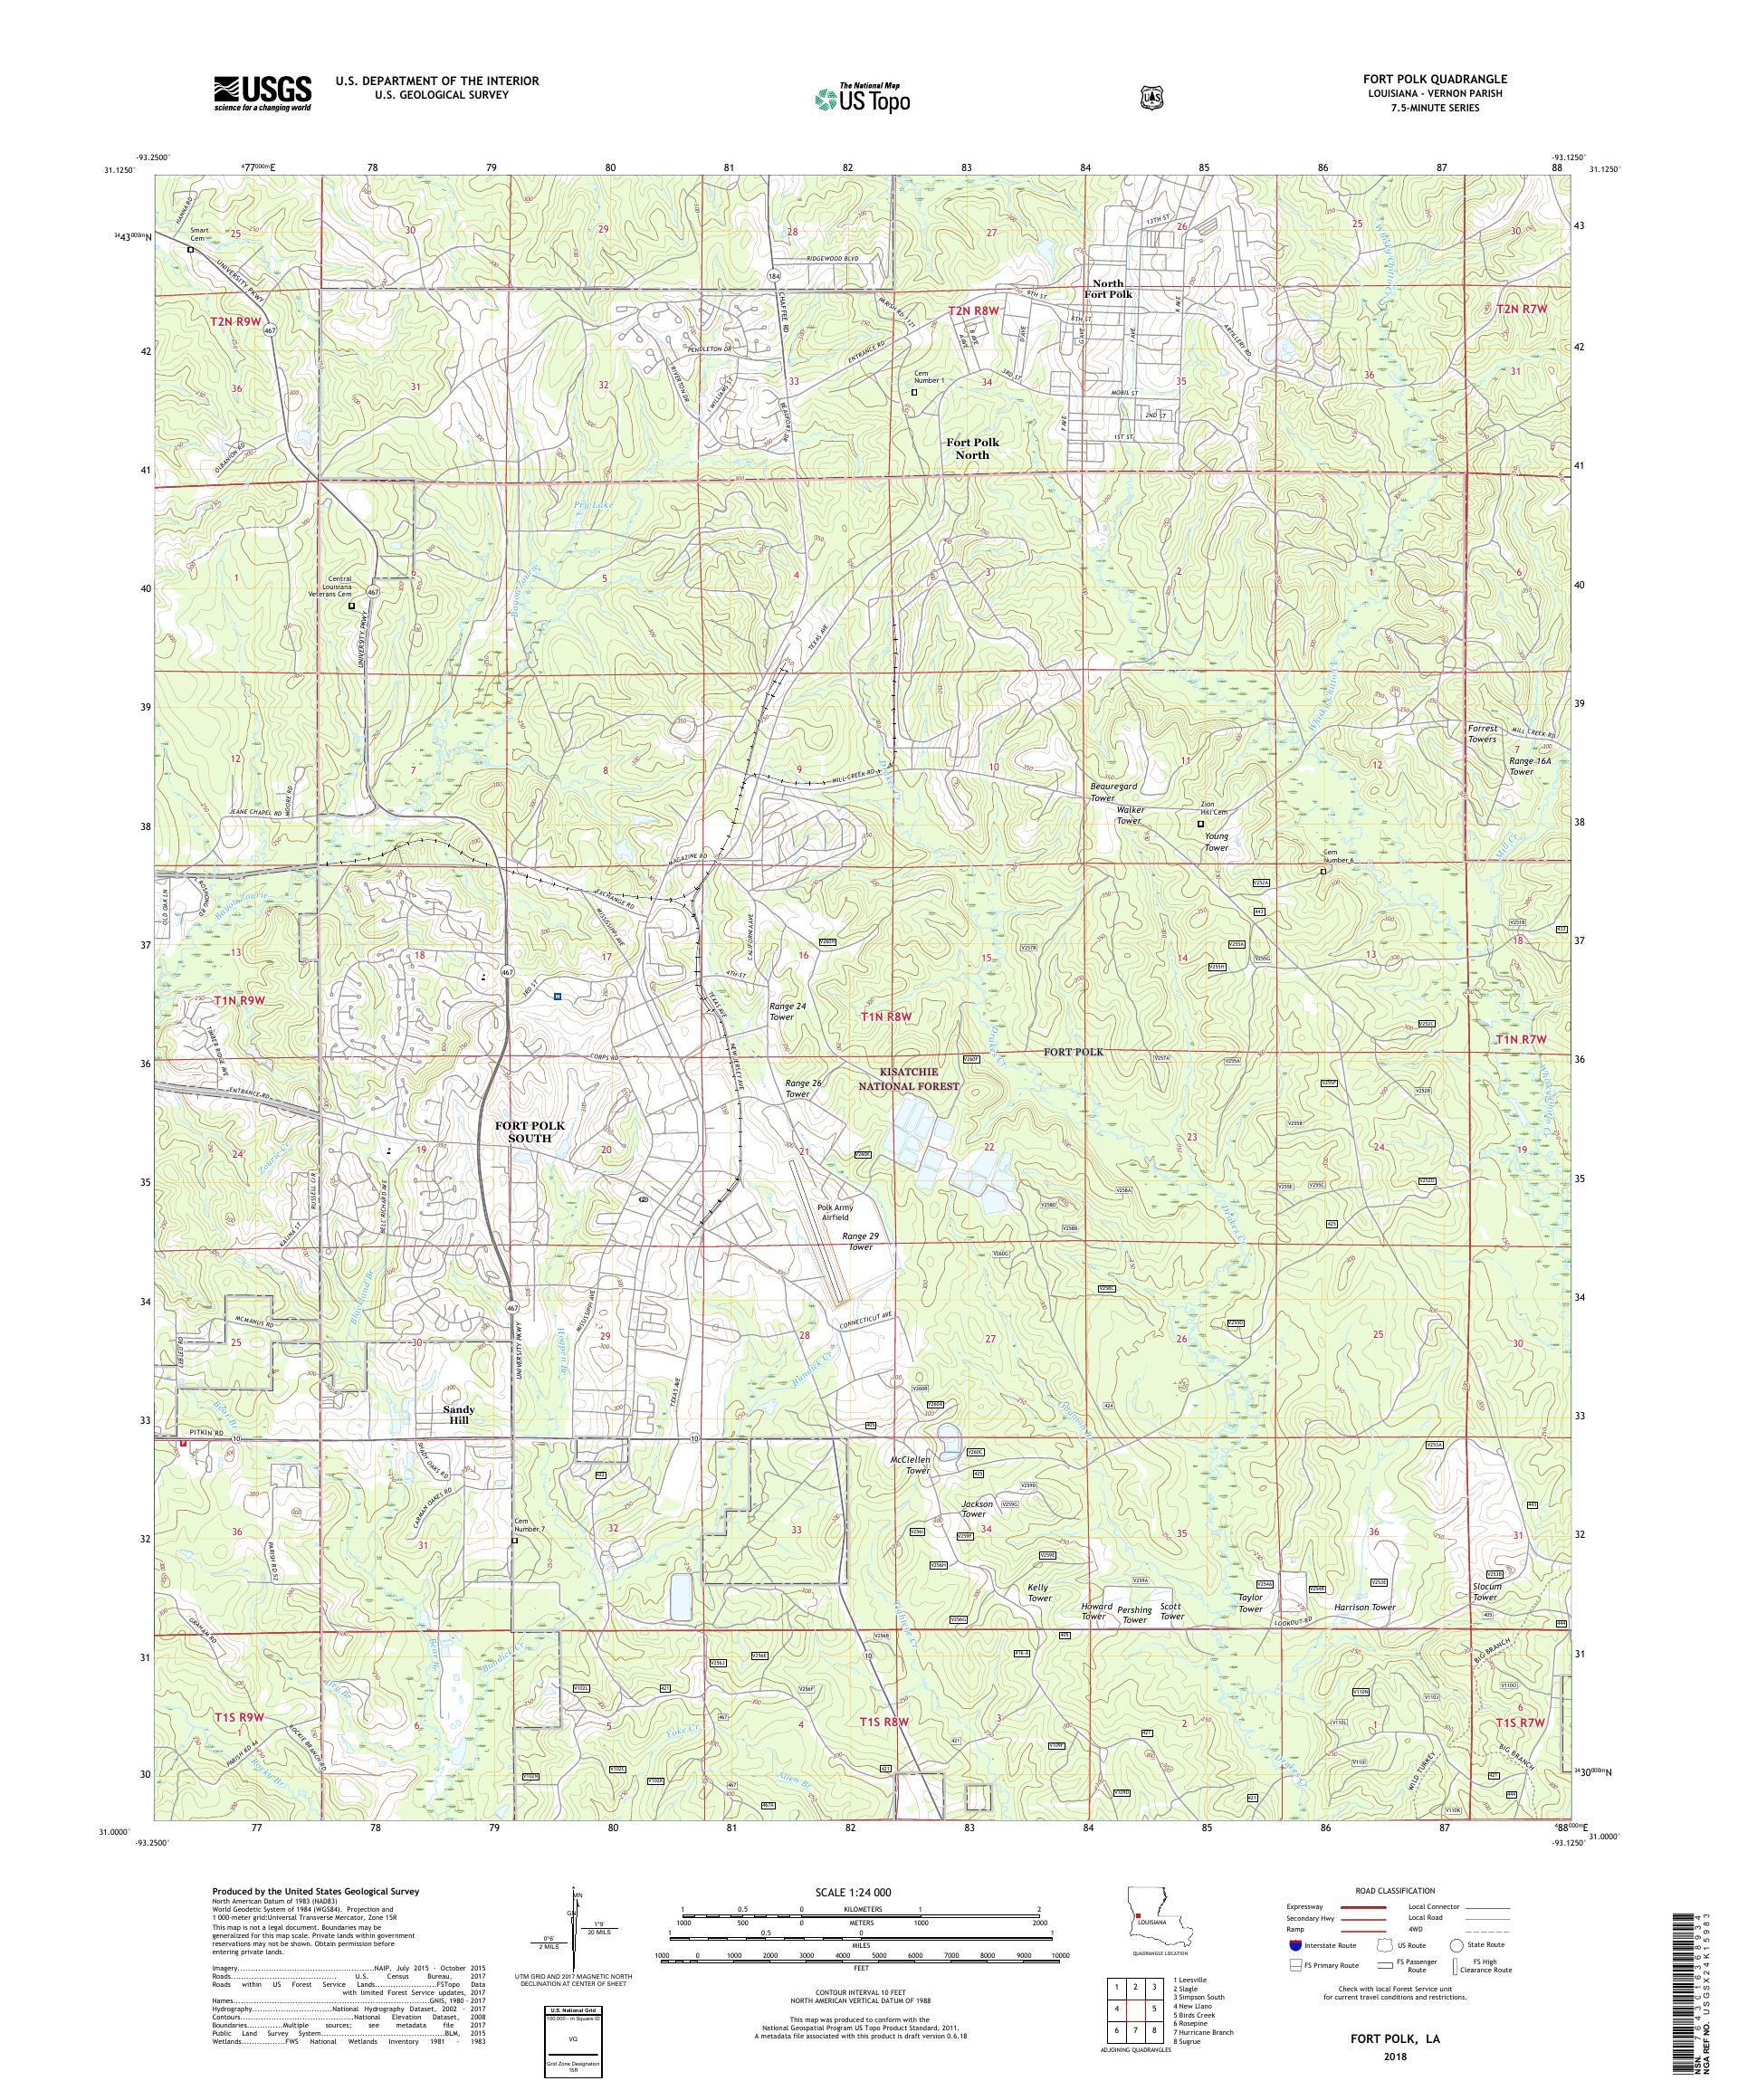 Fort Polk Louisiana Map MyTopo Fort Polk, Louisiana USGS Quad Topo Map